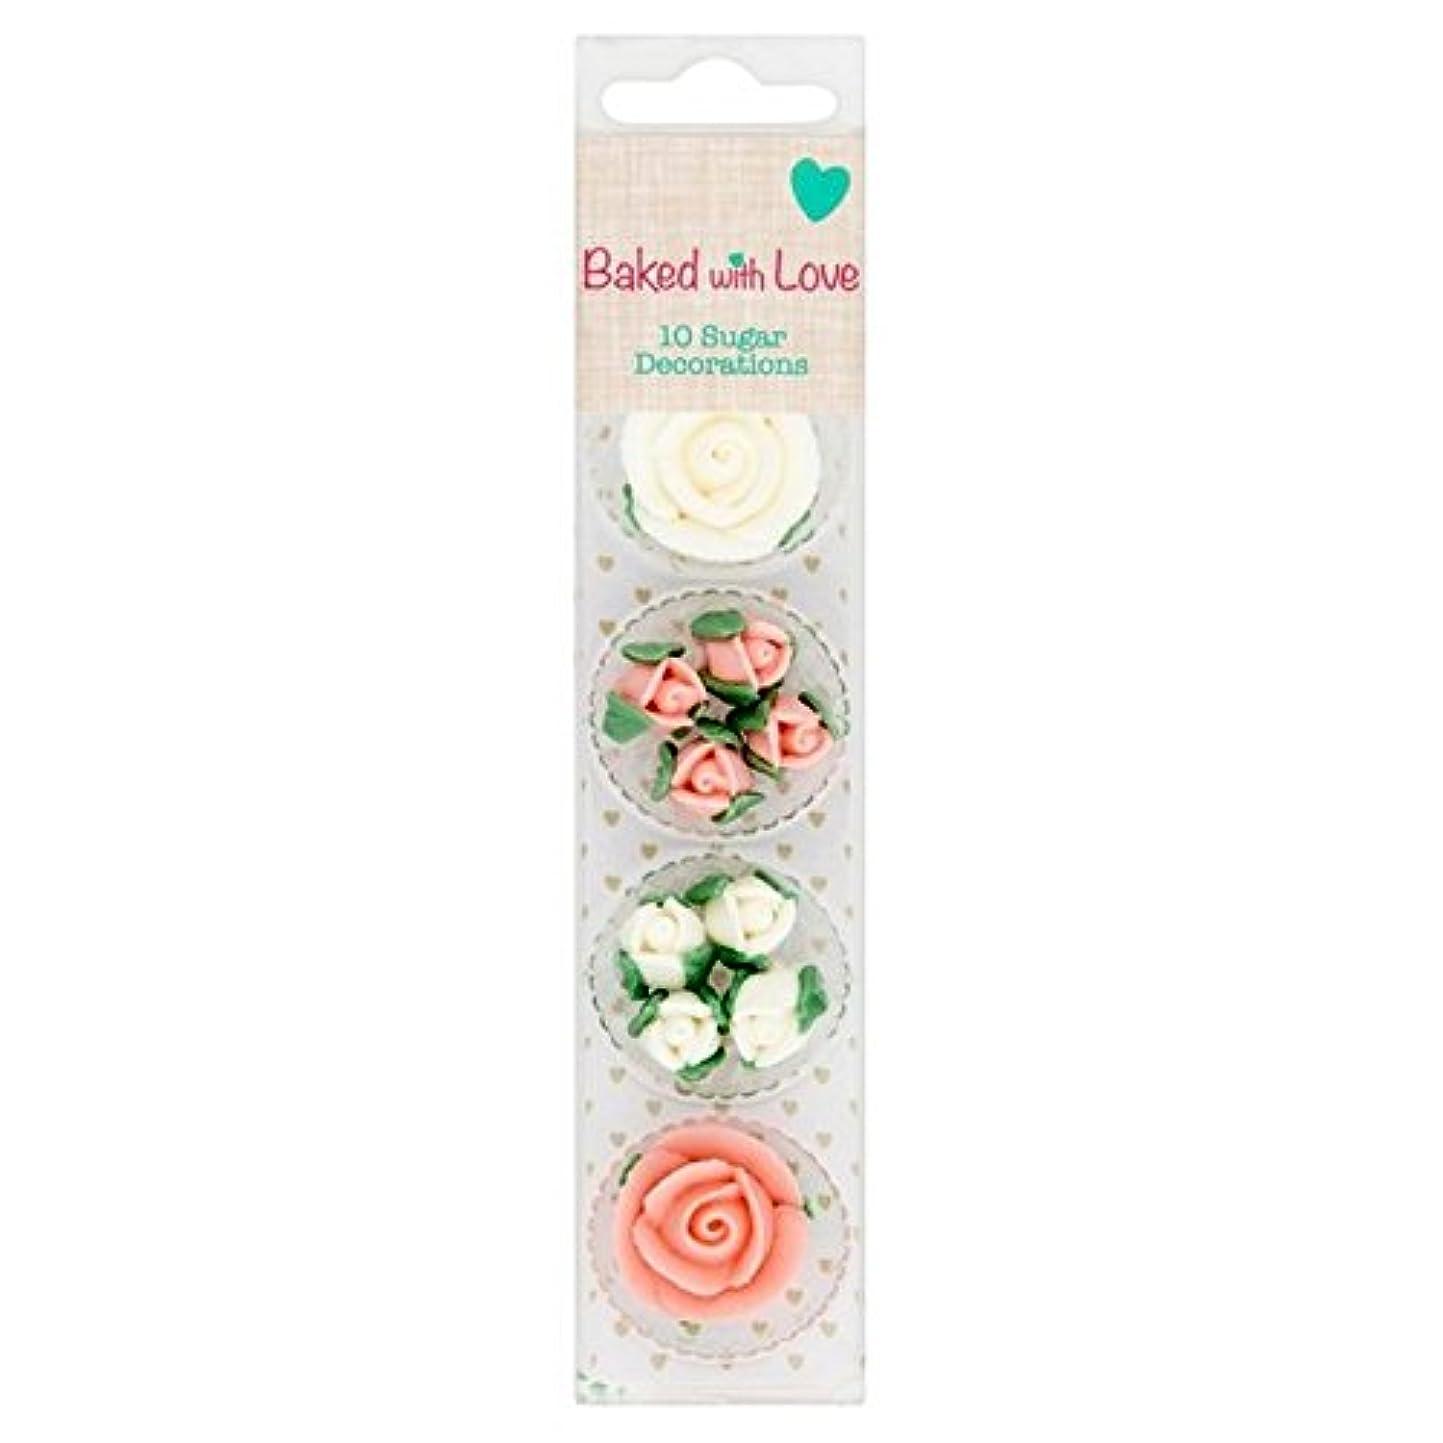 ノーブル願望絶え間ない(Baked (焼きました)) 愛のピンクと白で砂糖の飾りにパックあたり10ローズ (x6) - Baked With Love Pink And White Rose Sugar Decorations 10 per pack (Pack of 6) [並行輸入品]